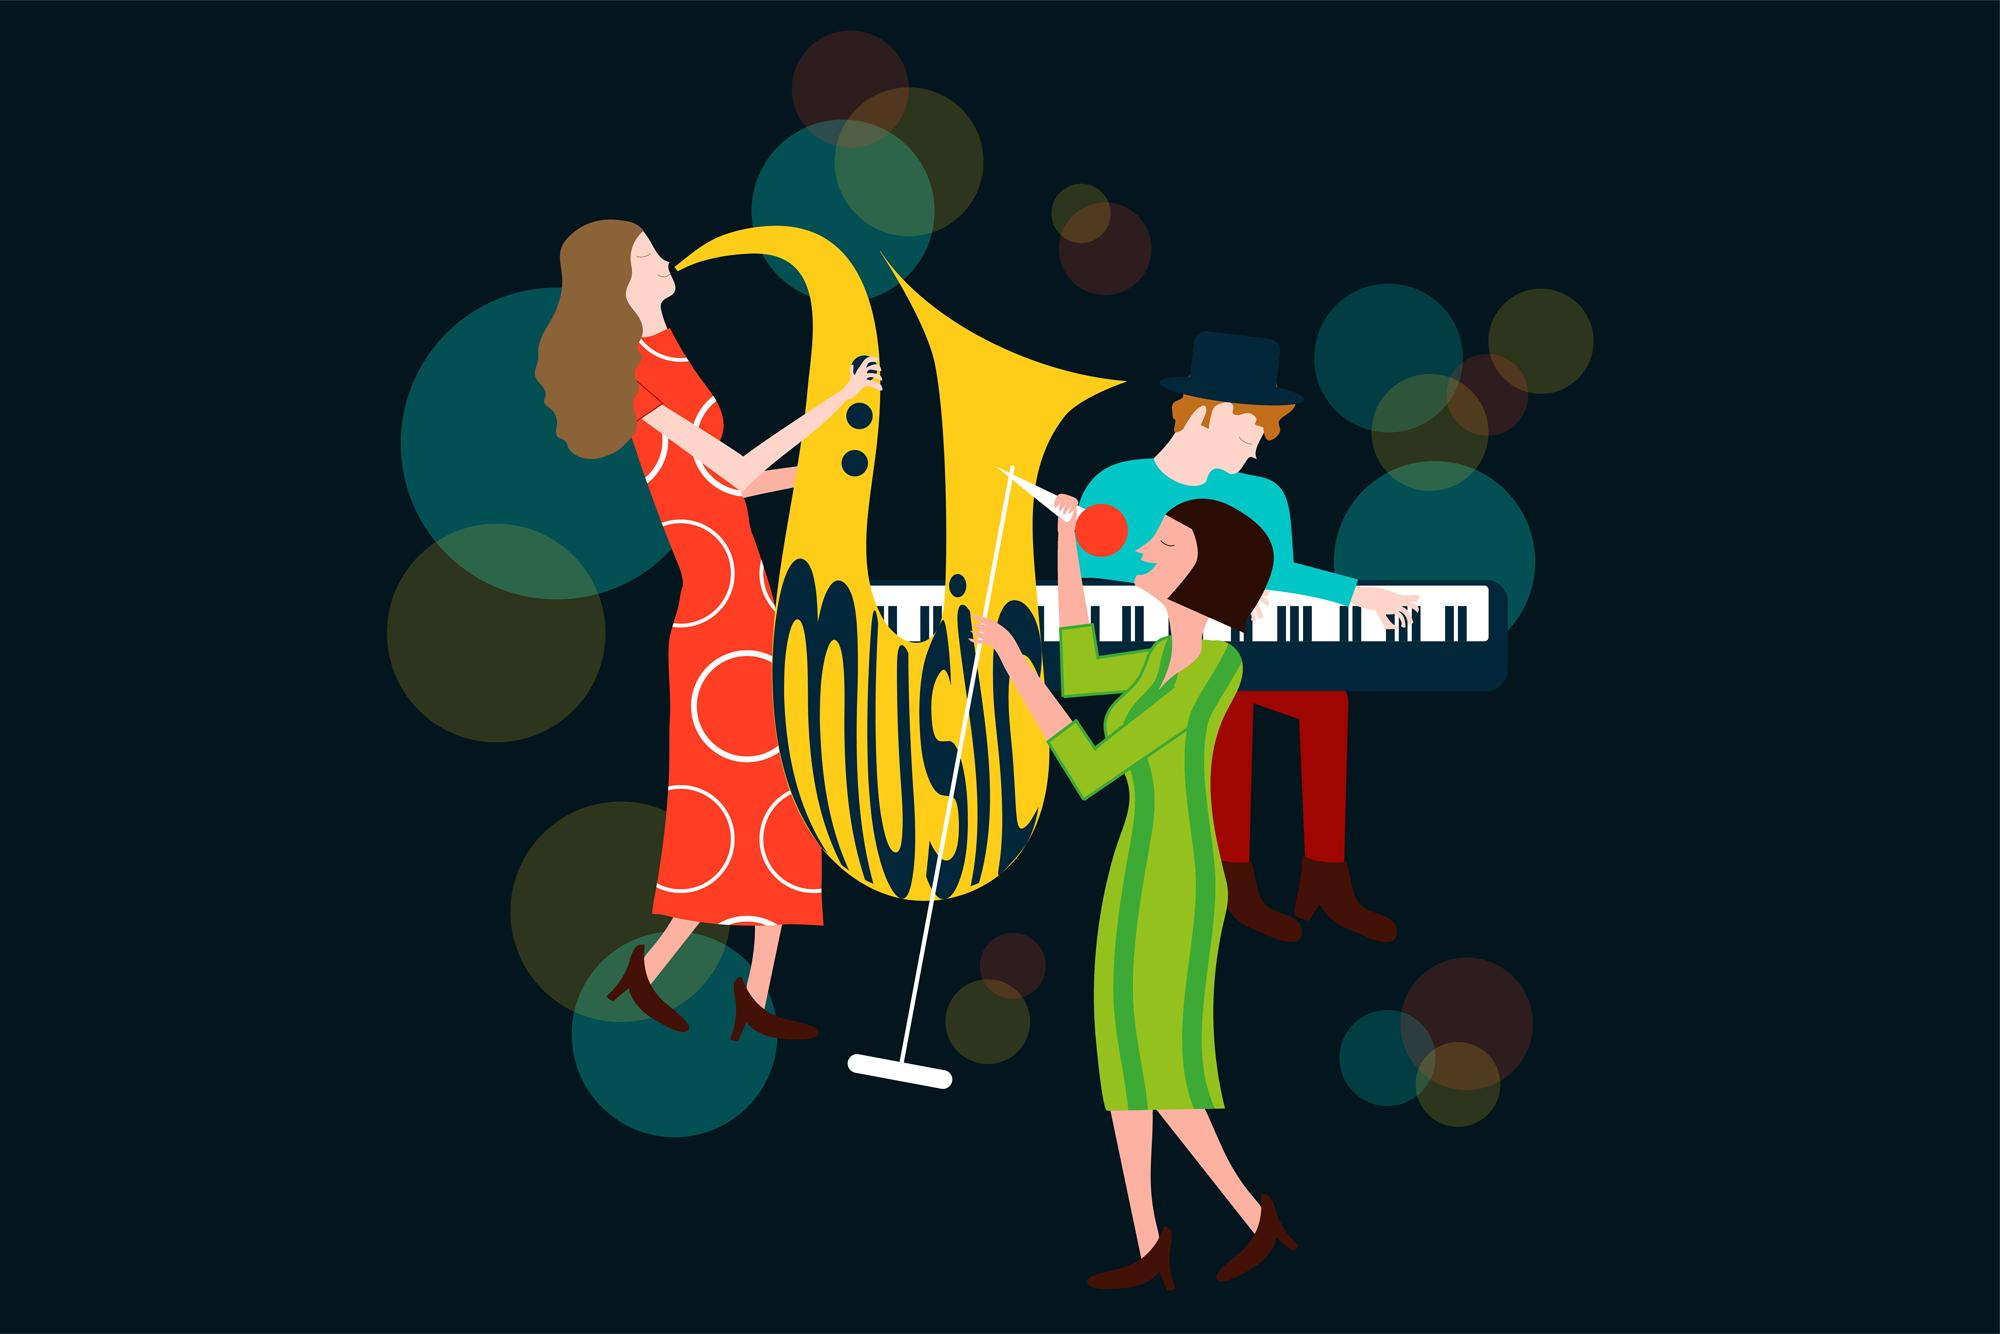 Barbara Marini - Illustrazioni, grafica, eventi musicali